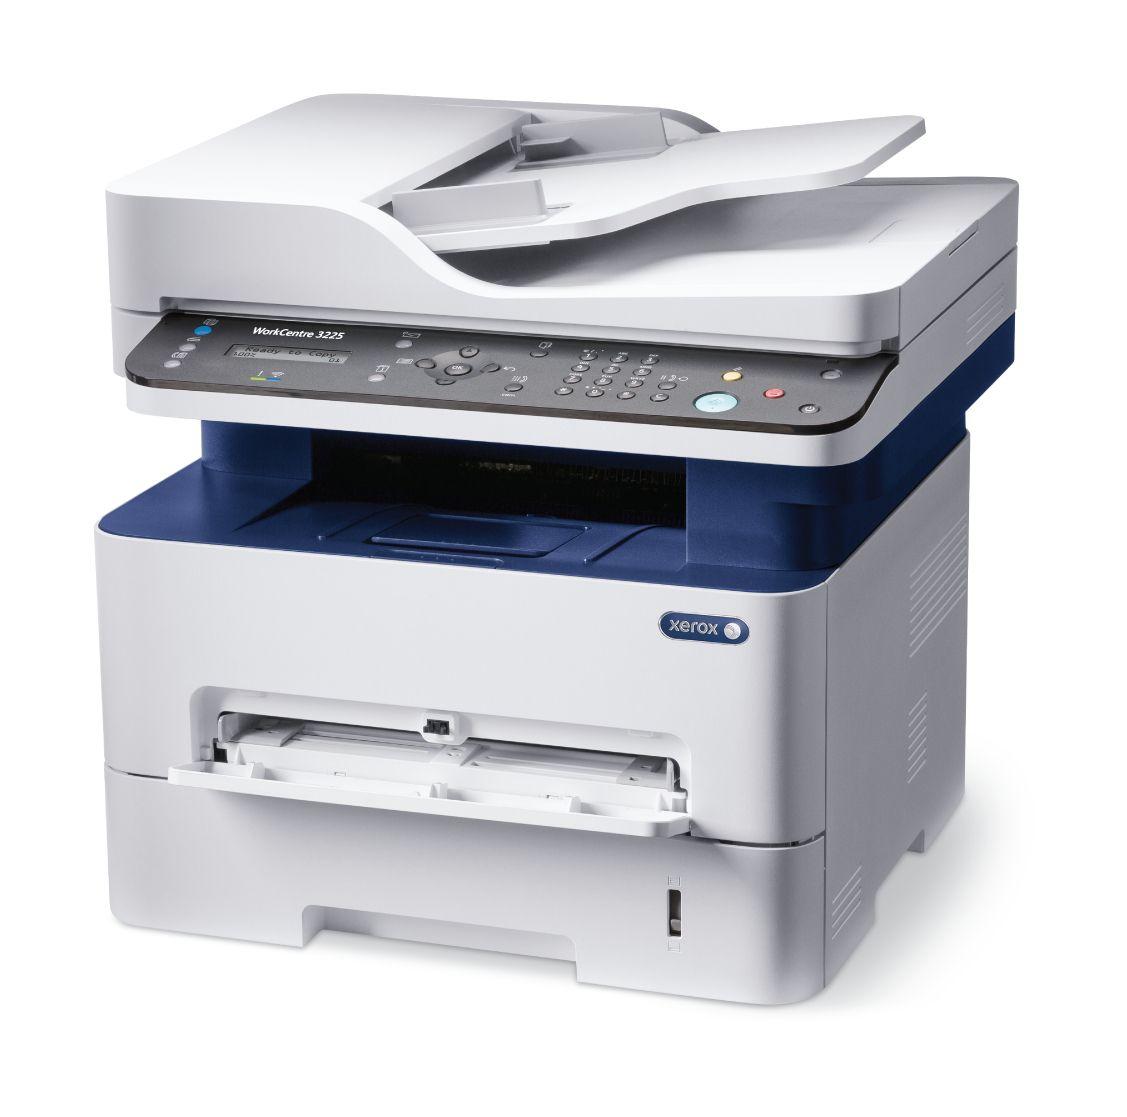 Ремонт принтера Xerox WorkCentre 3225